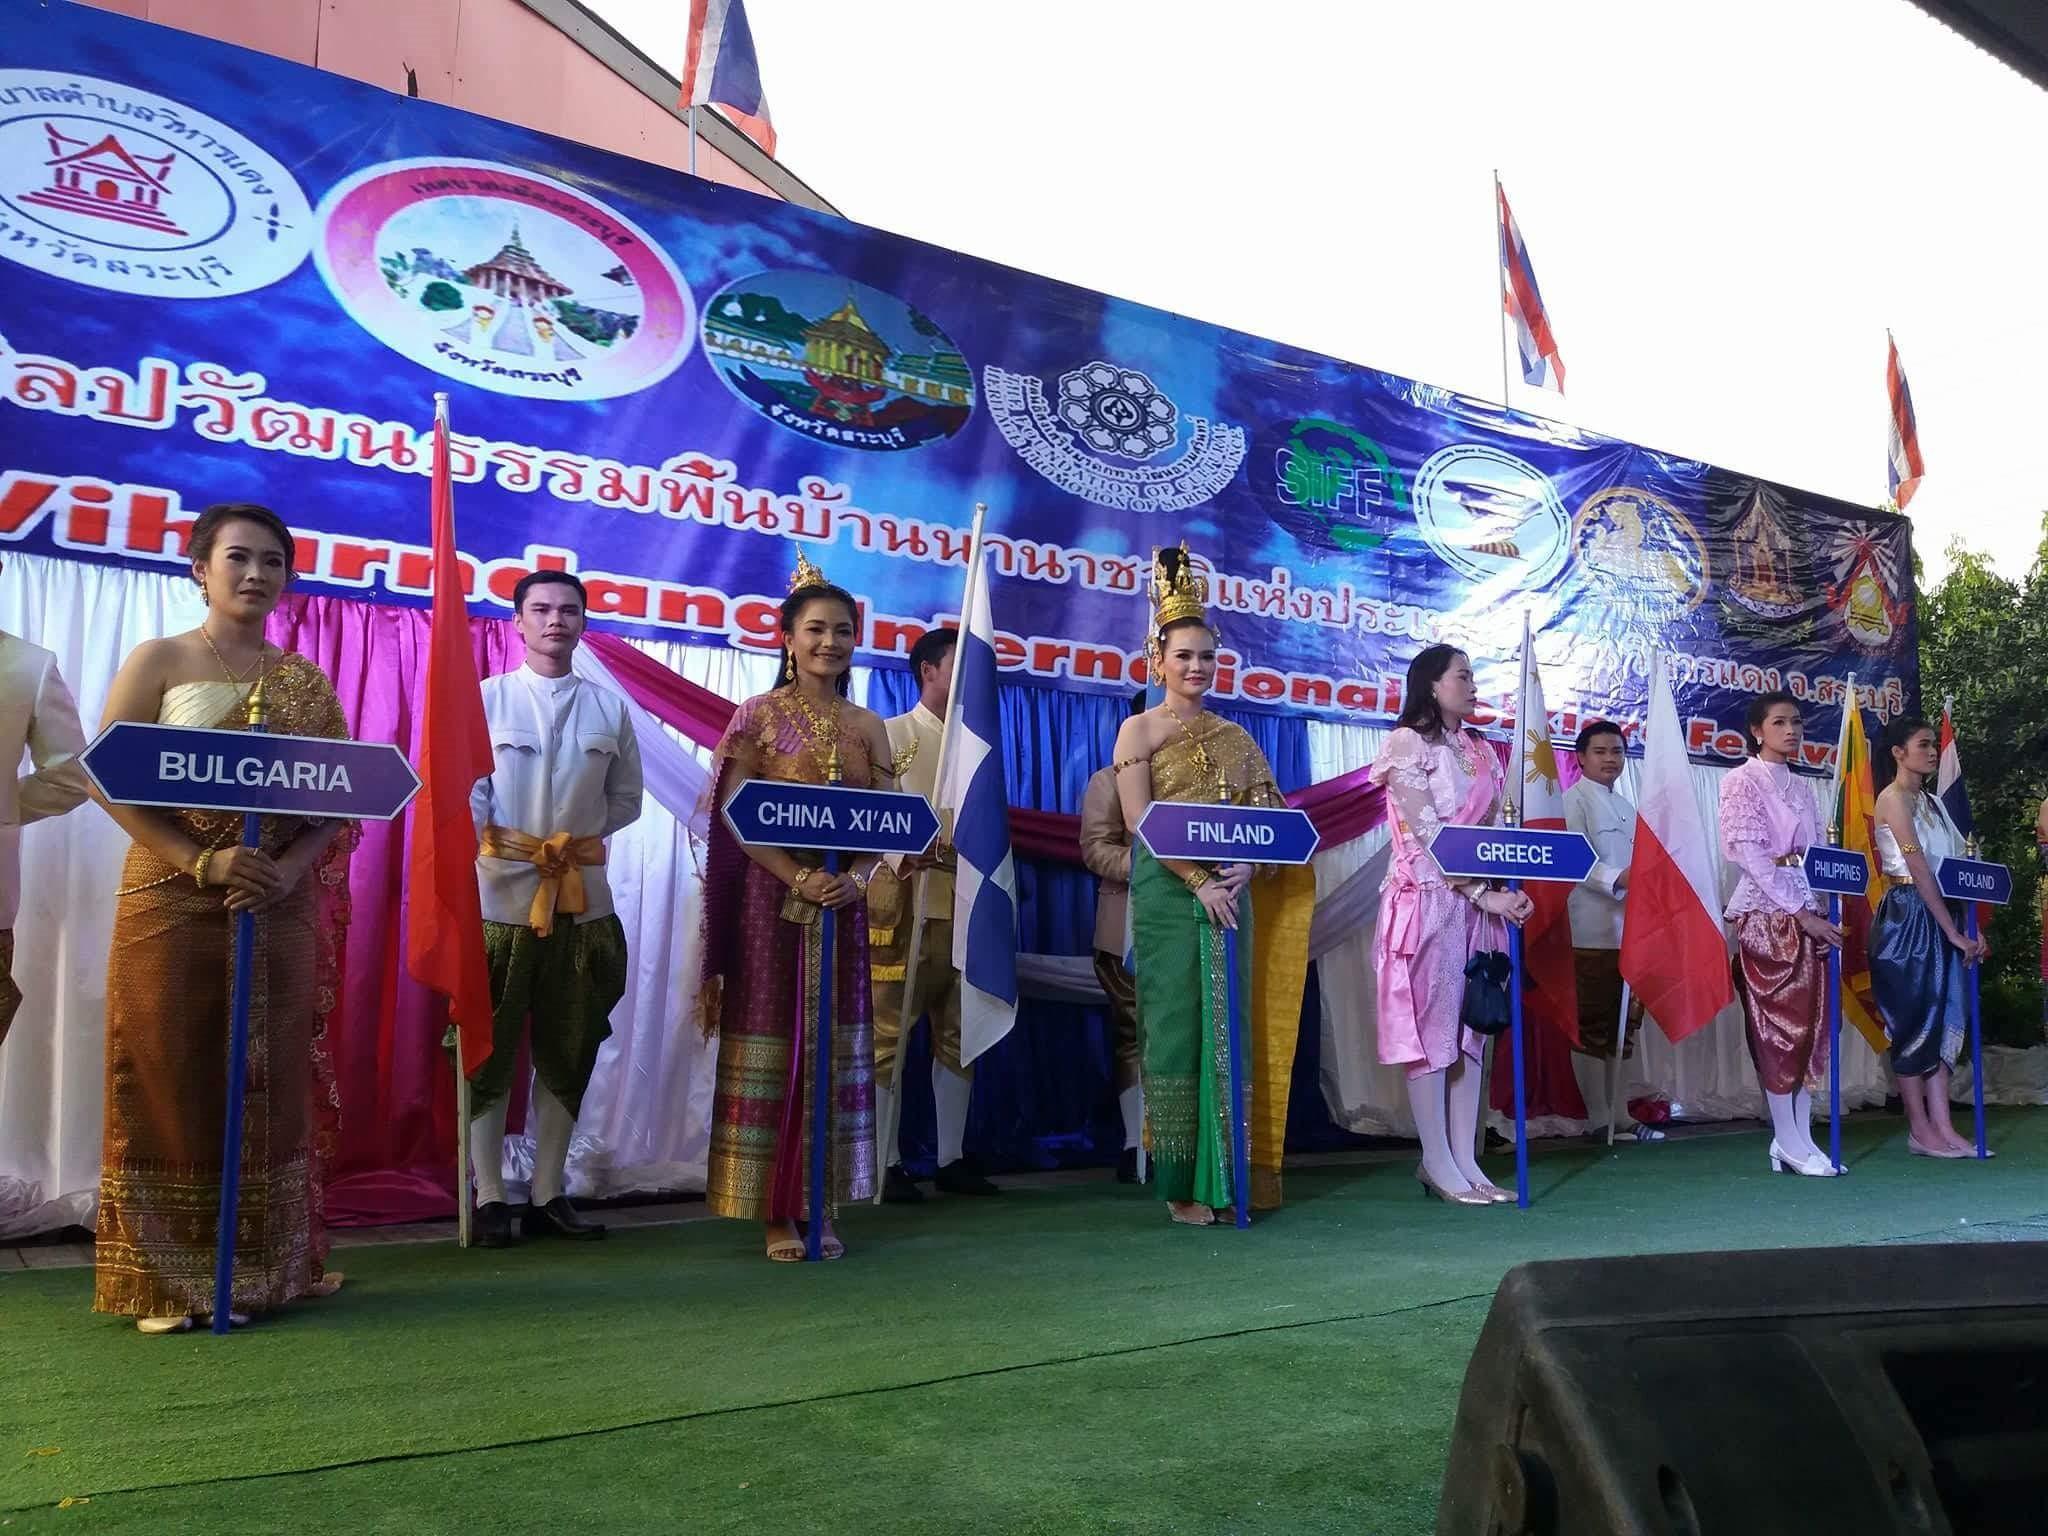 xoi-thailand4